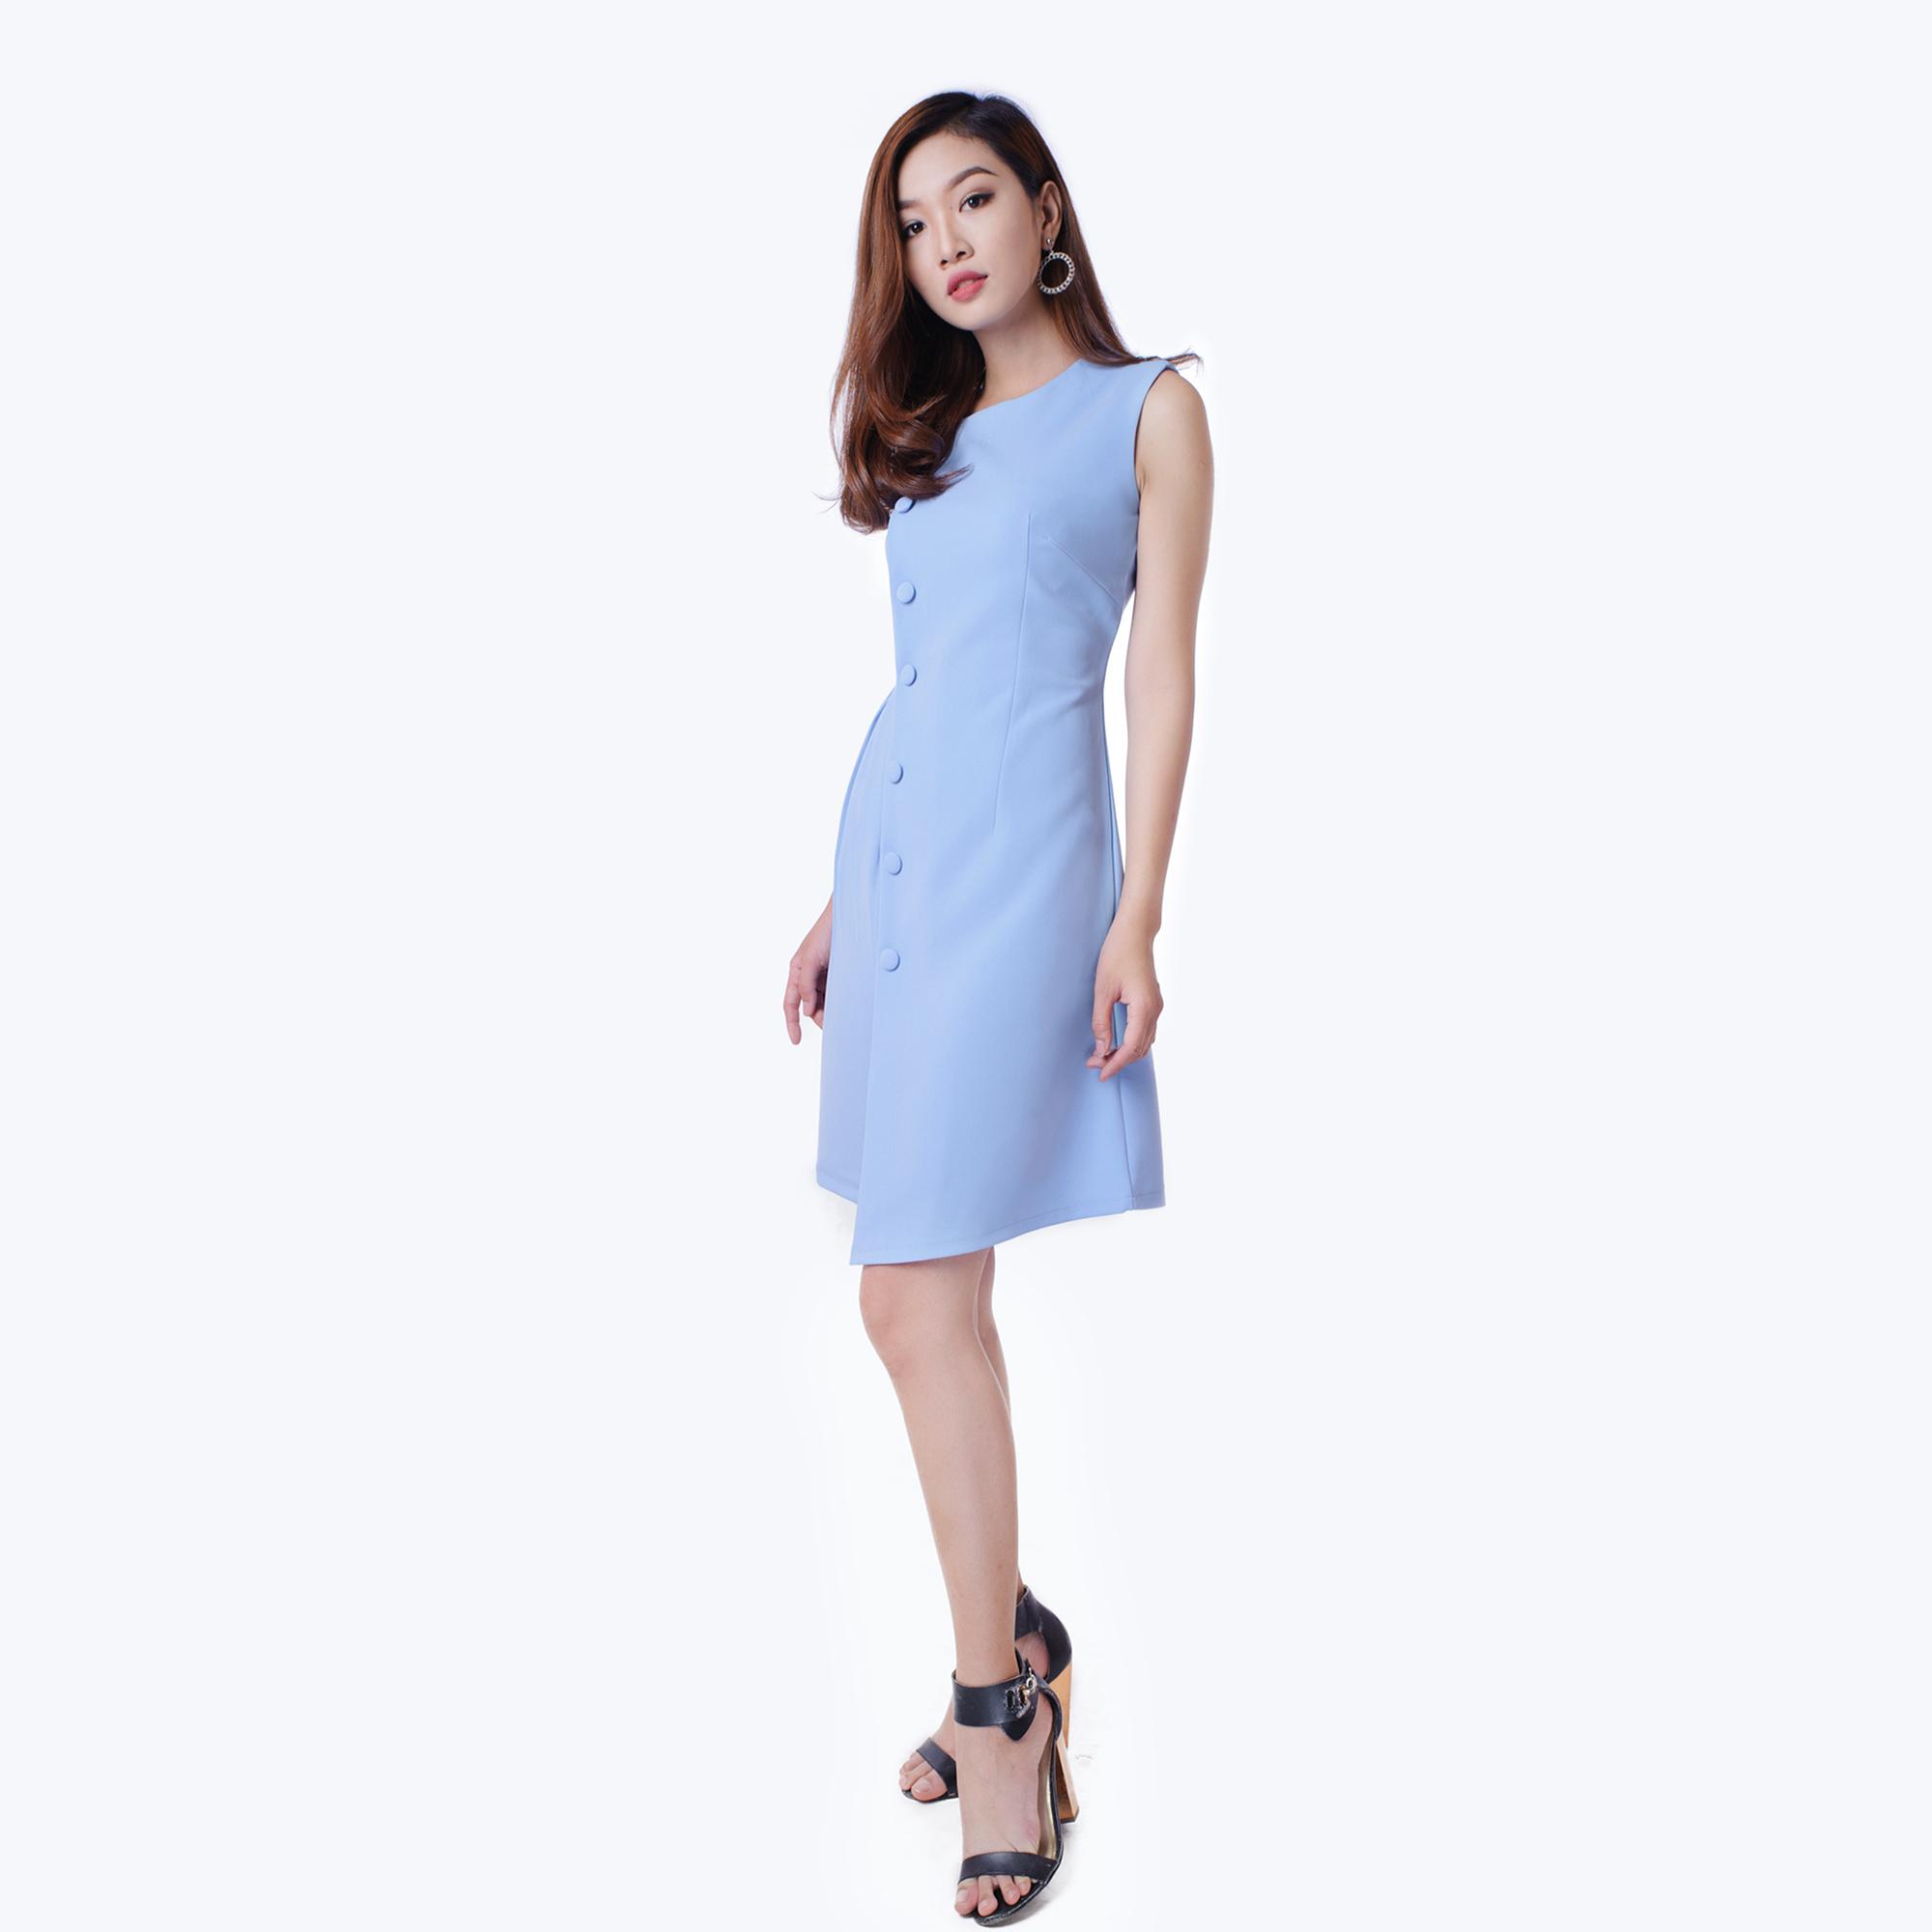 Đầm Công Sở Phối Nút Eo Nhúng Dễ Thương Thời Trang Eden - D146 - Màu xanh nhạt